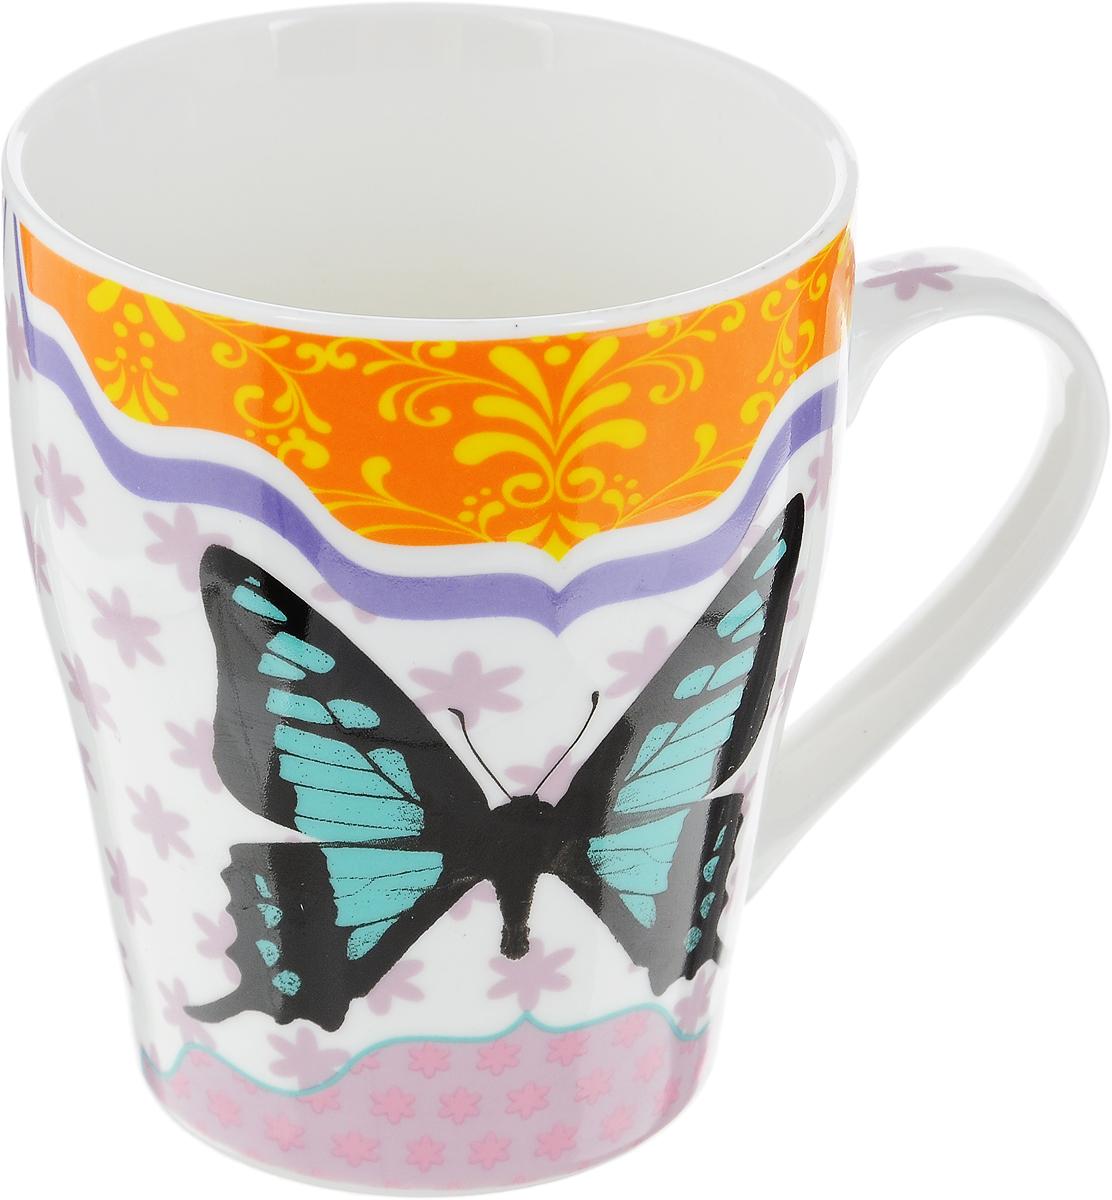 Кружка Loraine Бабочка, цвет: белый, бирюзовый, черный, 340 мл24454_бирюзовыйКружка Loraine Бабочка изготовлена из прочного качественного костяного фарфора. Изделие оформлено красочным рисунком. Благодаря своим термостатическим свойствам, изделие отлично сохраняет температуру содержимого - морозной зимой кружка будет согревать вас горячим чаем, а знойным летом, напротив, радовать прохладными напитками. Такой аксессуар создаст атмосферу тепла и уюта, настроит на позитивный лад и подарит хорошее настроение с самого утра. Это оригинальное изделие идеально подойдет в подарок близкому человеку. Диаметр (по верхнему краю): 8 см.Высота кружки: 10 см.